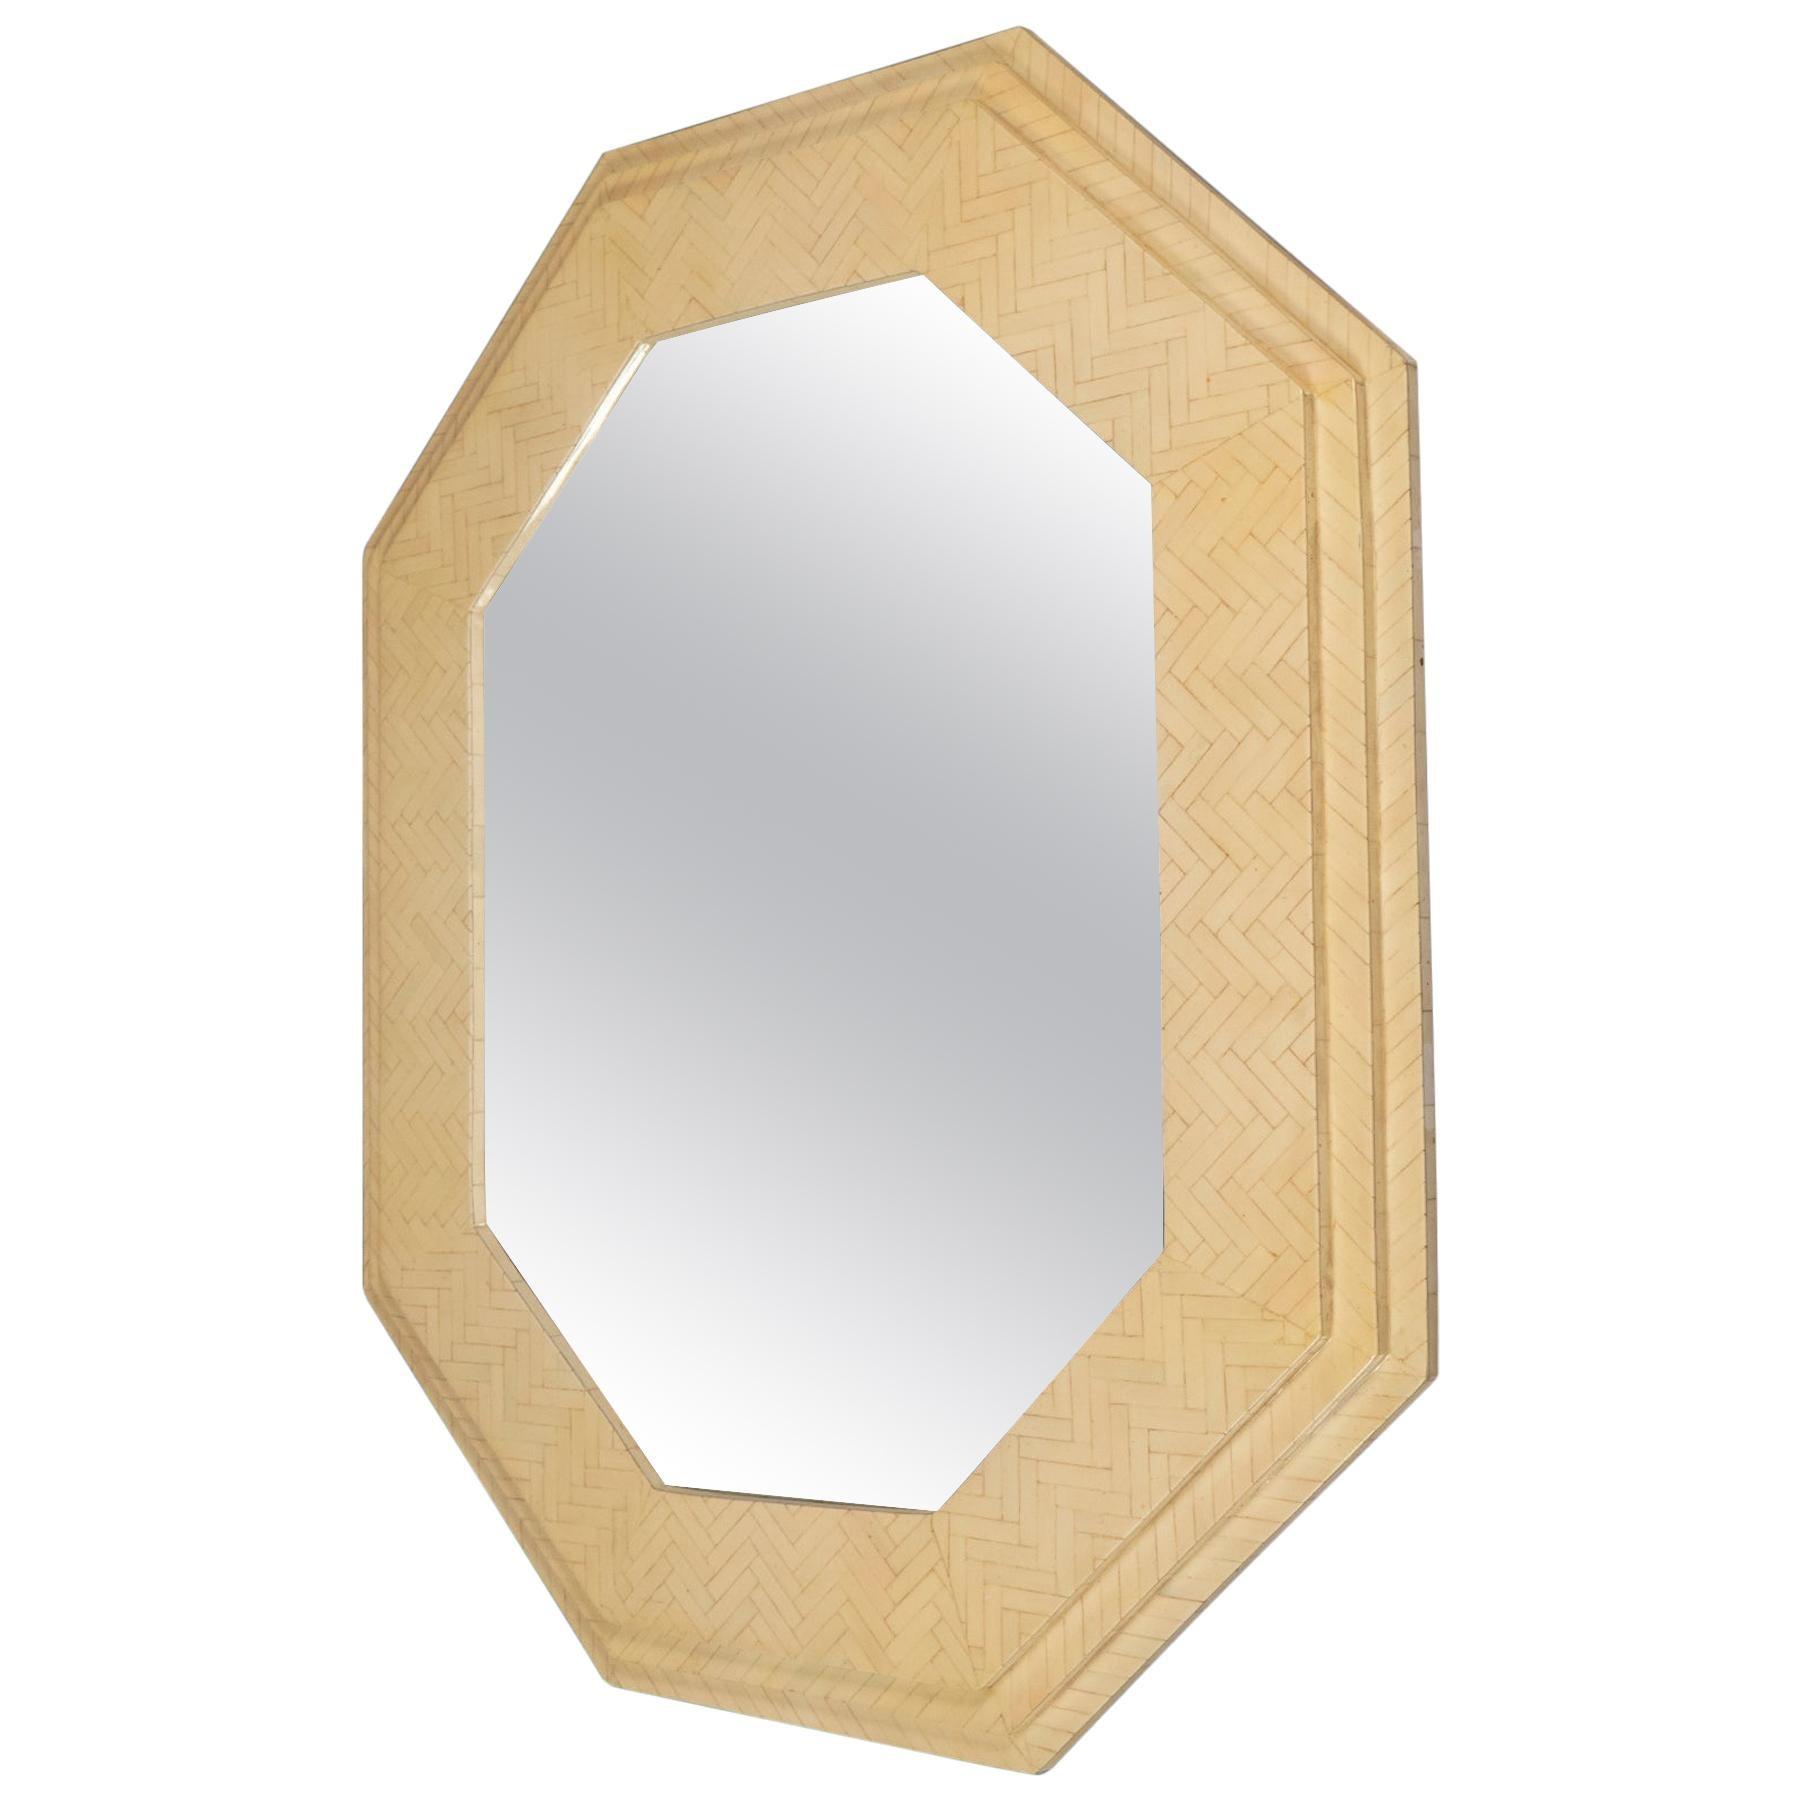 Octagonal Mirror by Enrique Garcel, Colombia, 1970s